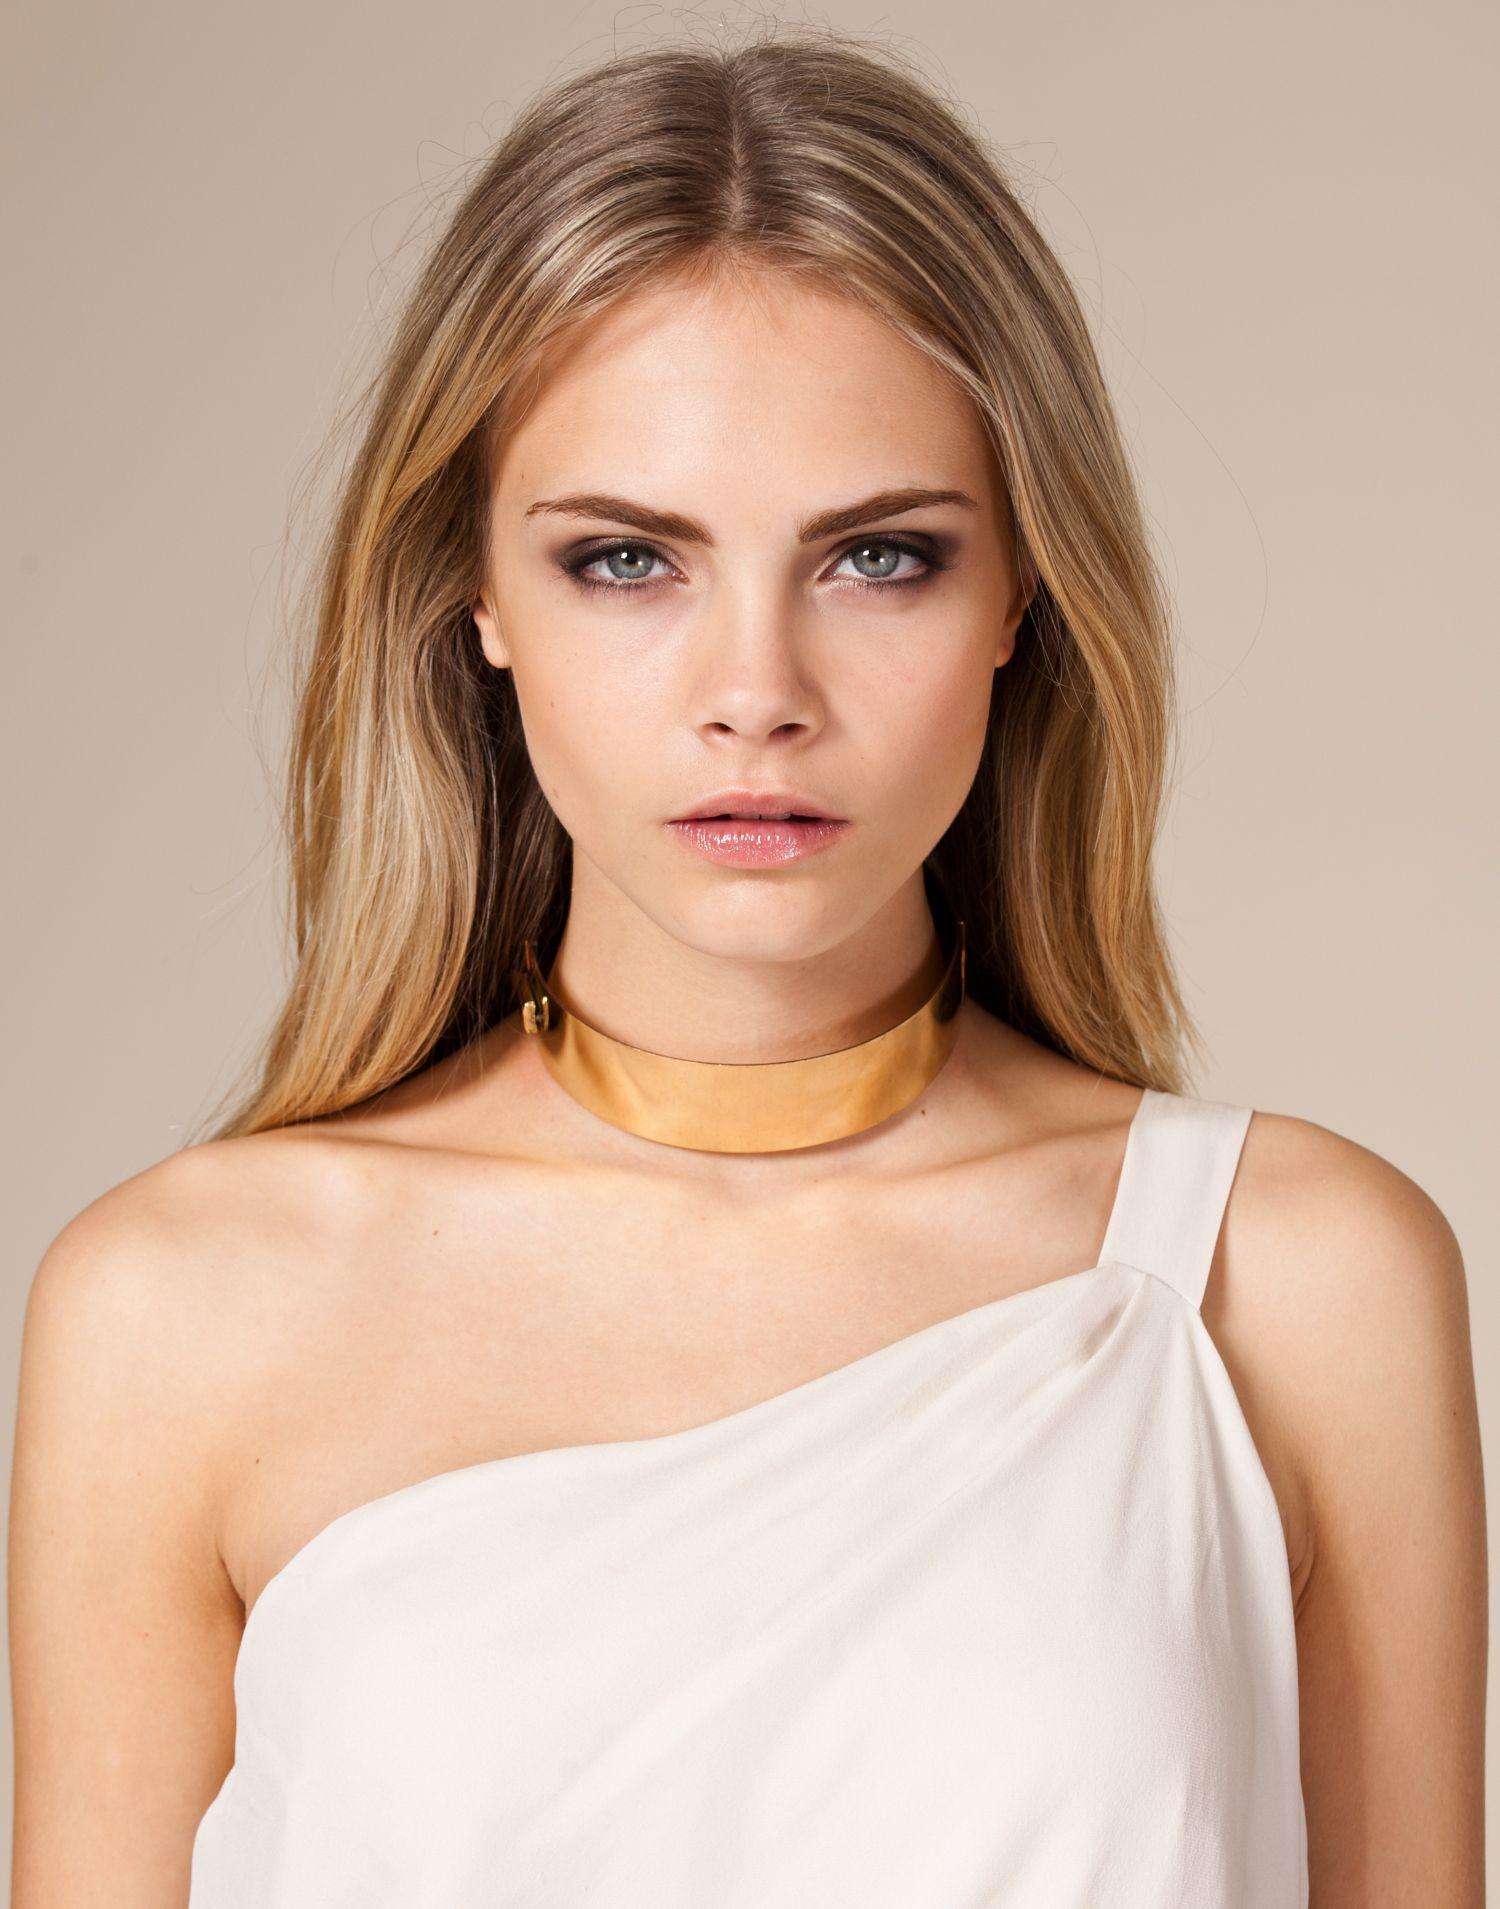 Choker Necklace - Nelly Trend - Guld - Smycken - Accessoarer - NELLY.COM Mode online på nätet